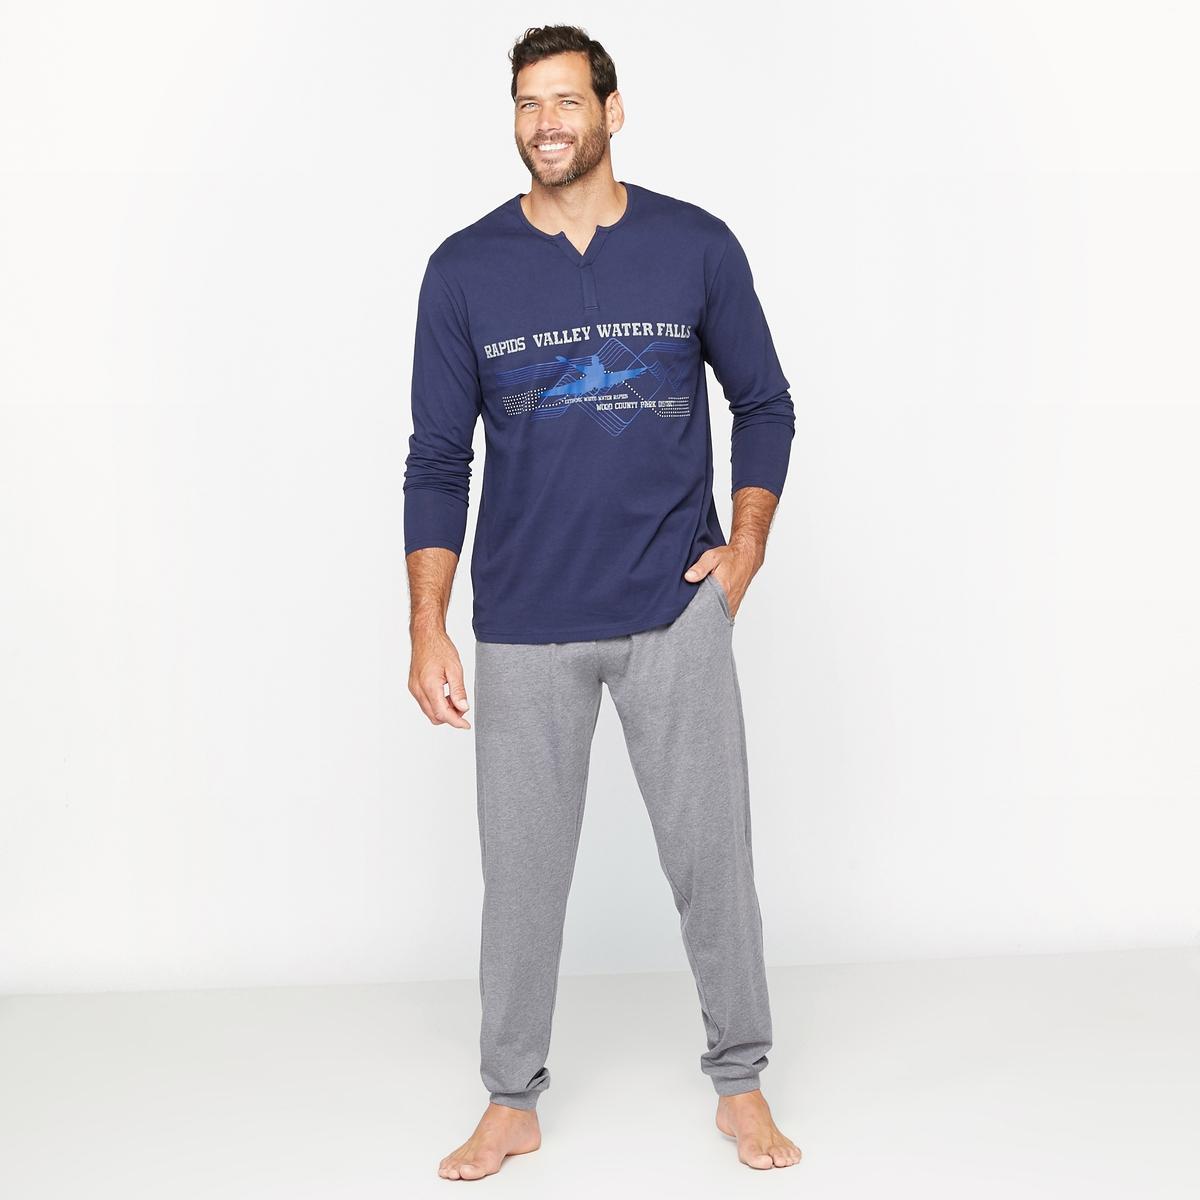 Пижама с круглым вырезом с разрезом спереди и рисункомМатериал : джерси, 100% хлопок.Марка : CASTALUNA FOR MEN.Уход : Машинная стирка при 40 °С.<br><br>Цвет: темно-синий/серый меланж<br>Размер: 66/68